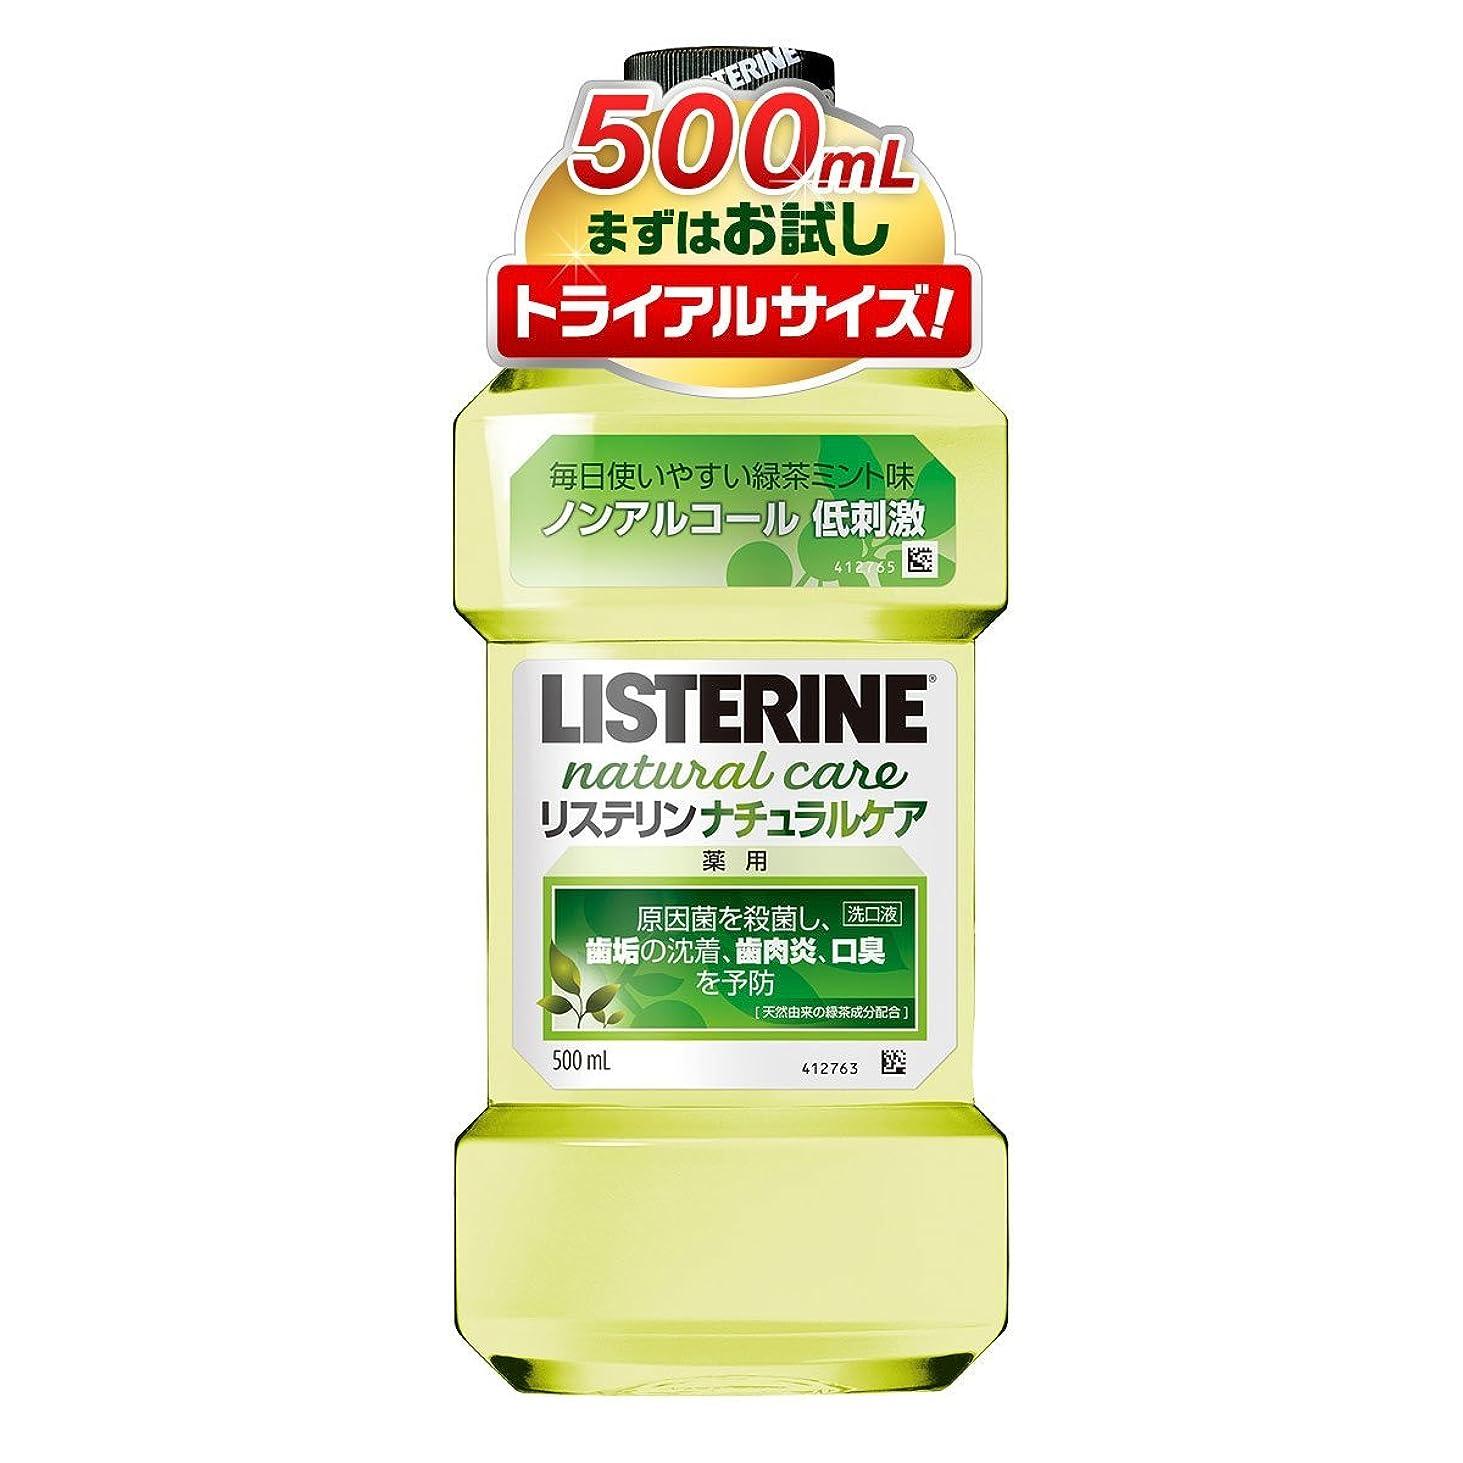 こんにちはラベシリンダー[医薬部外品] 薬用 リステリン マウスウォッシュ ナチュラルケア 500mL ノンアルコールタイプ